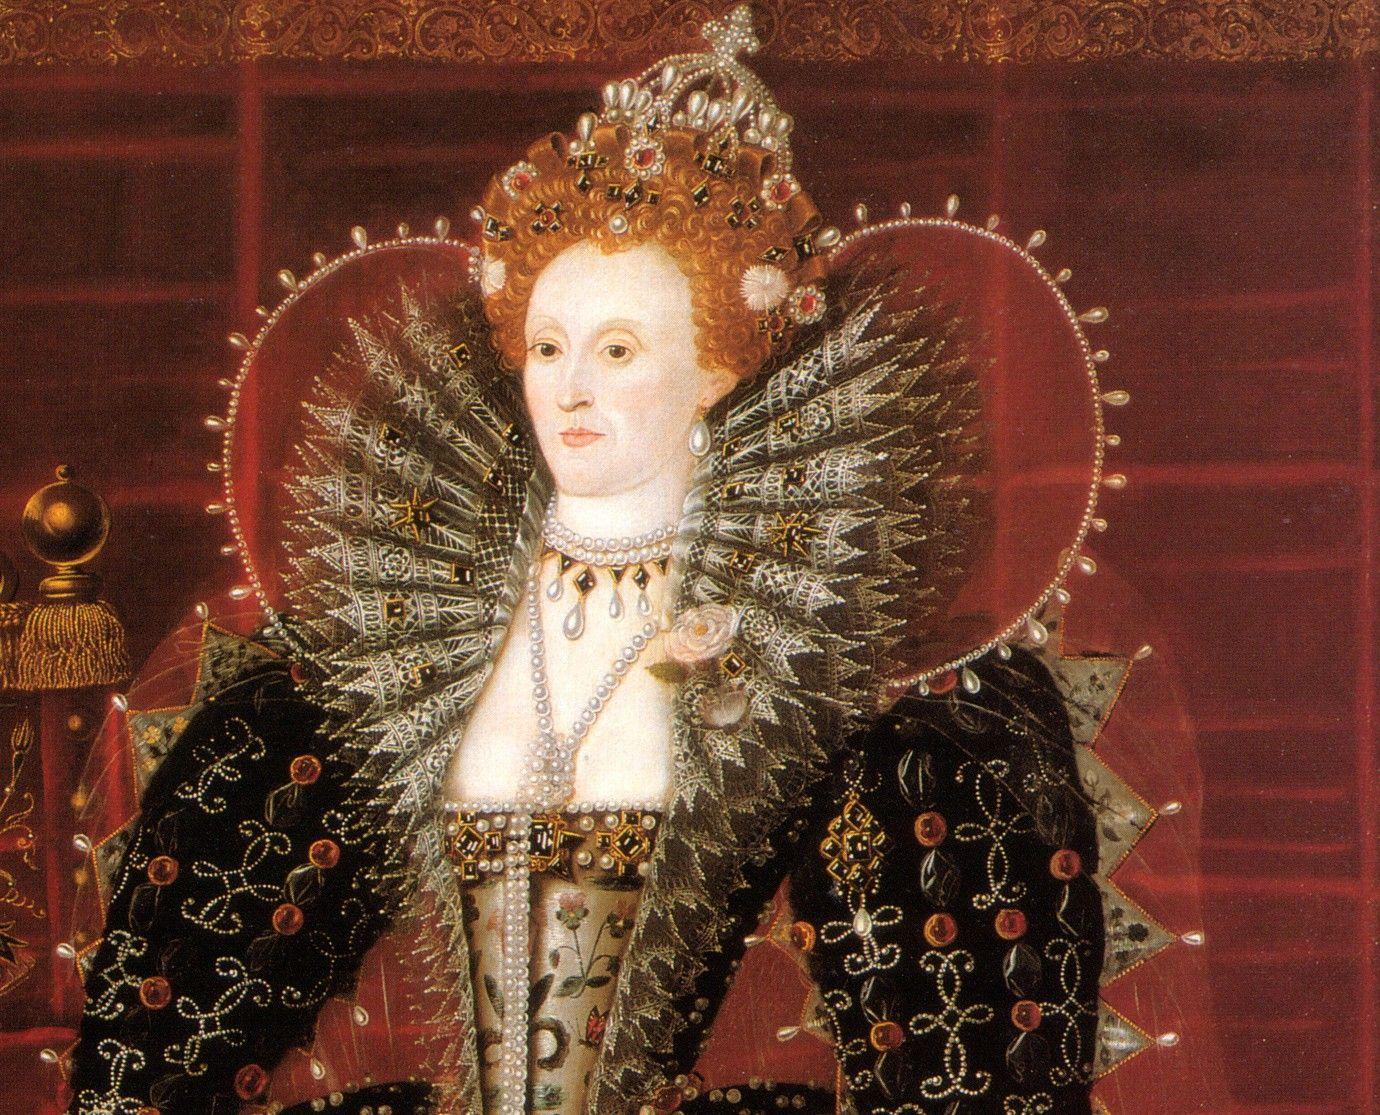 10. Elizabeth I of England